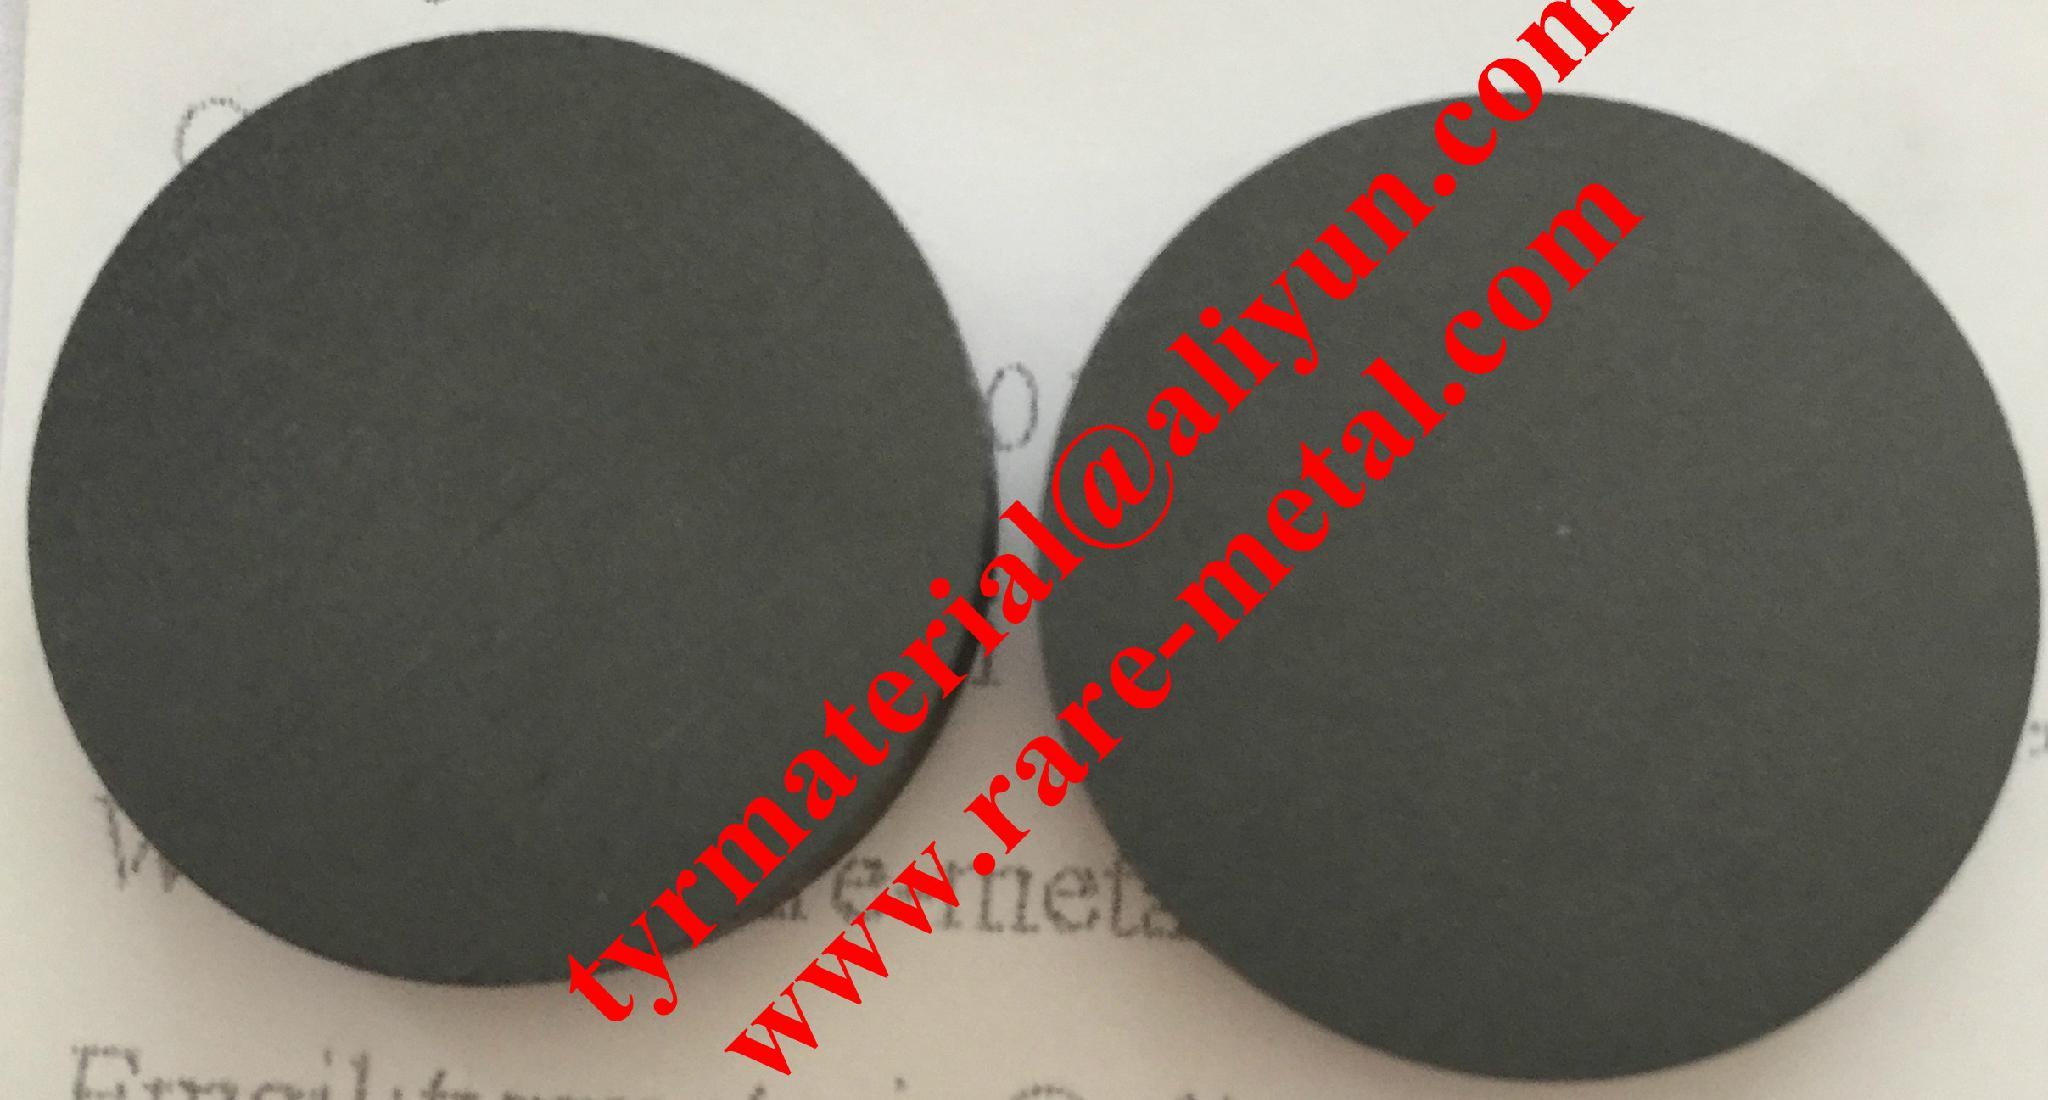 硒化鎘 CdSe,濺射靶材,粉,蒸發鍍膜材料 2